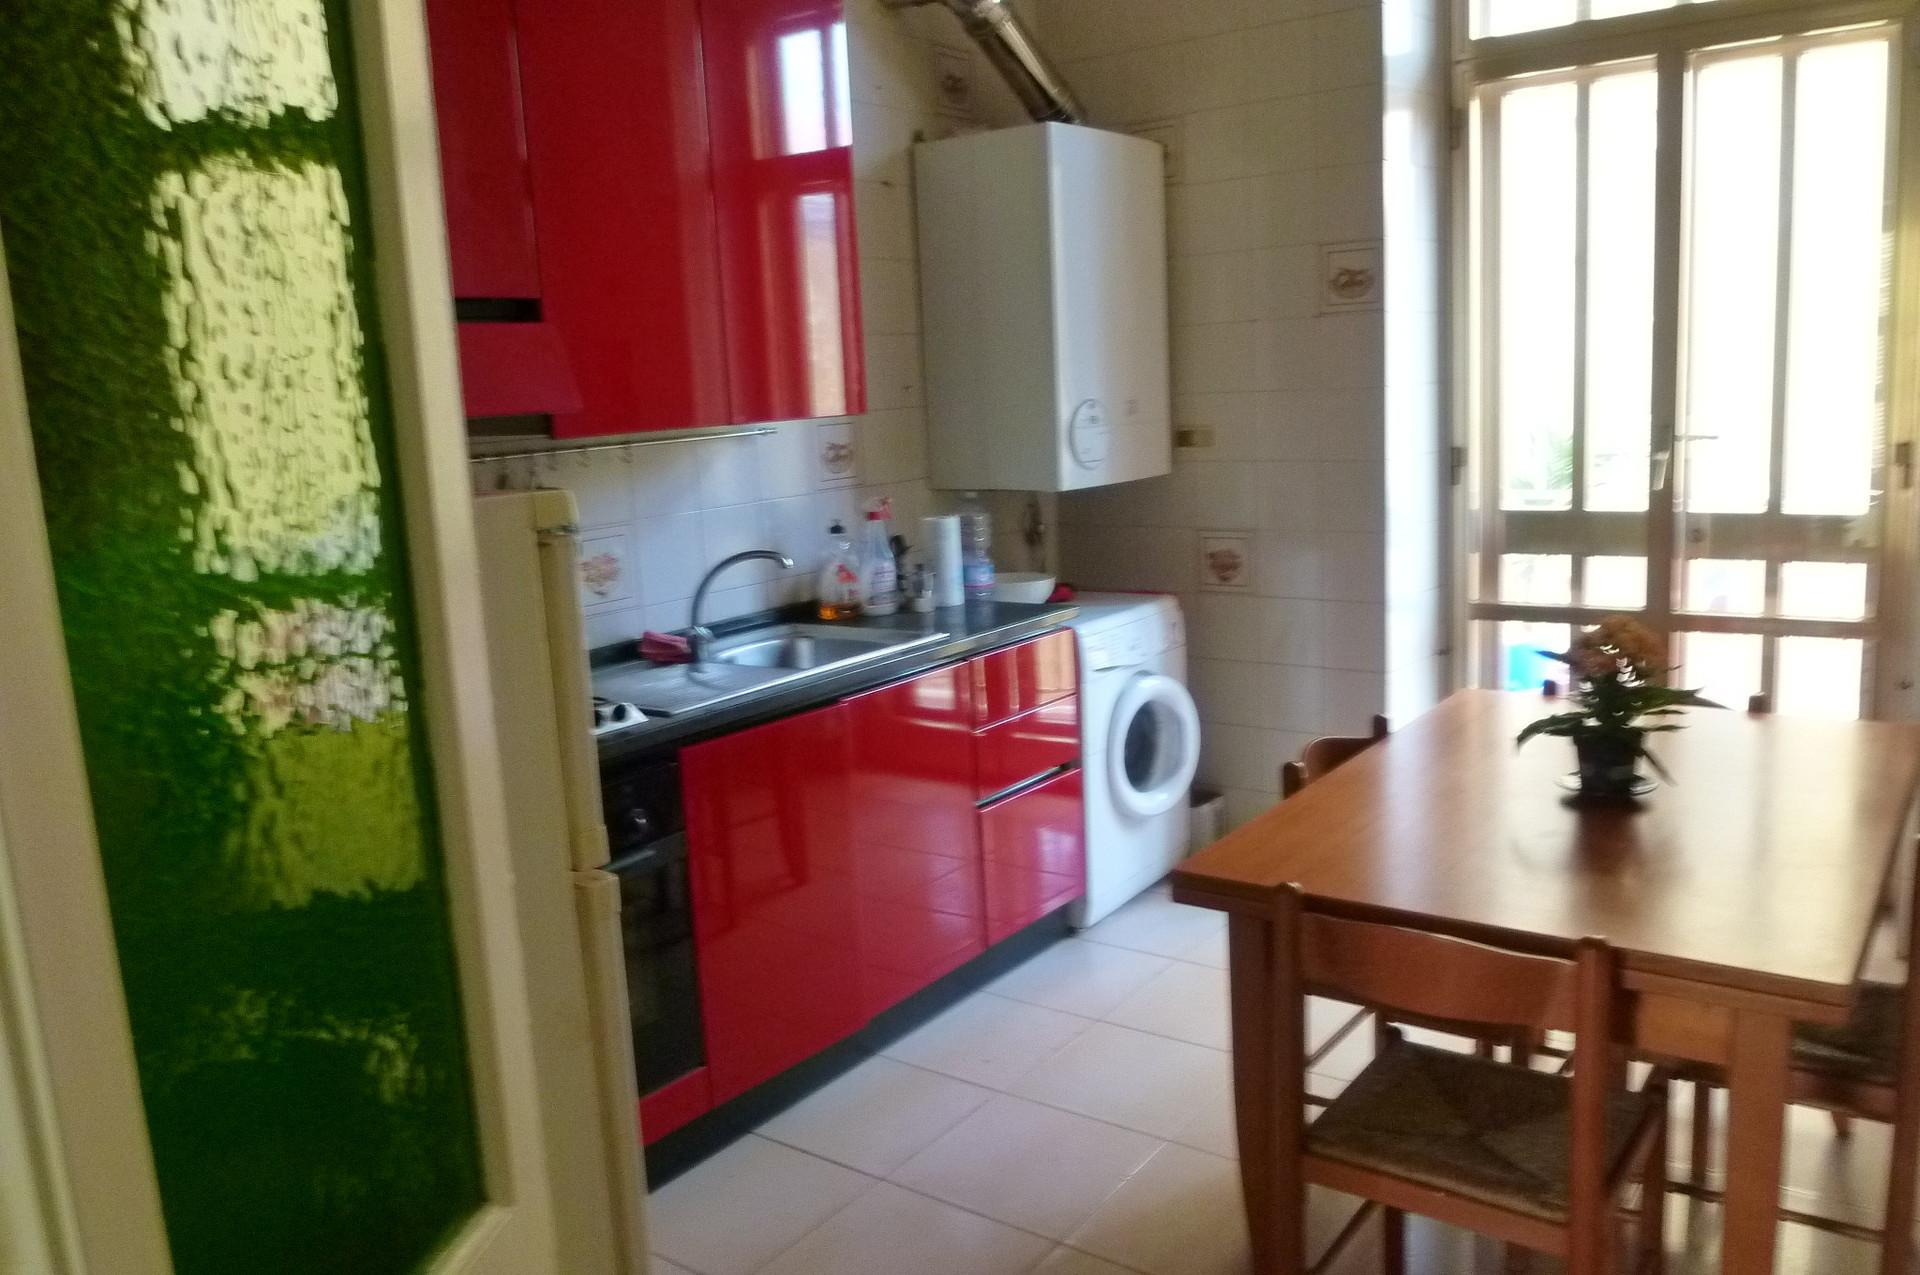 Camera in appartamento centralissimo a Foggia